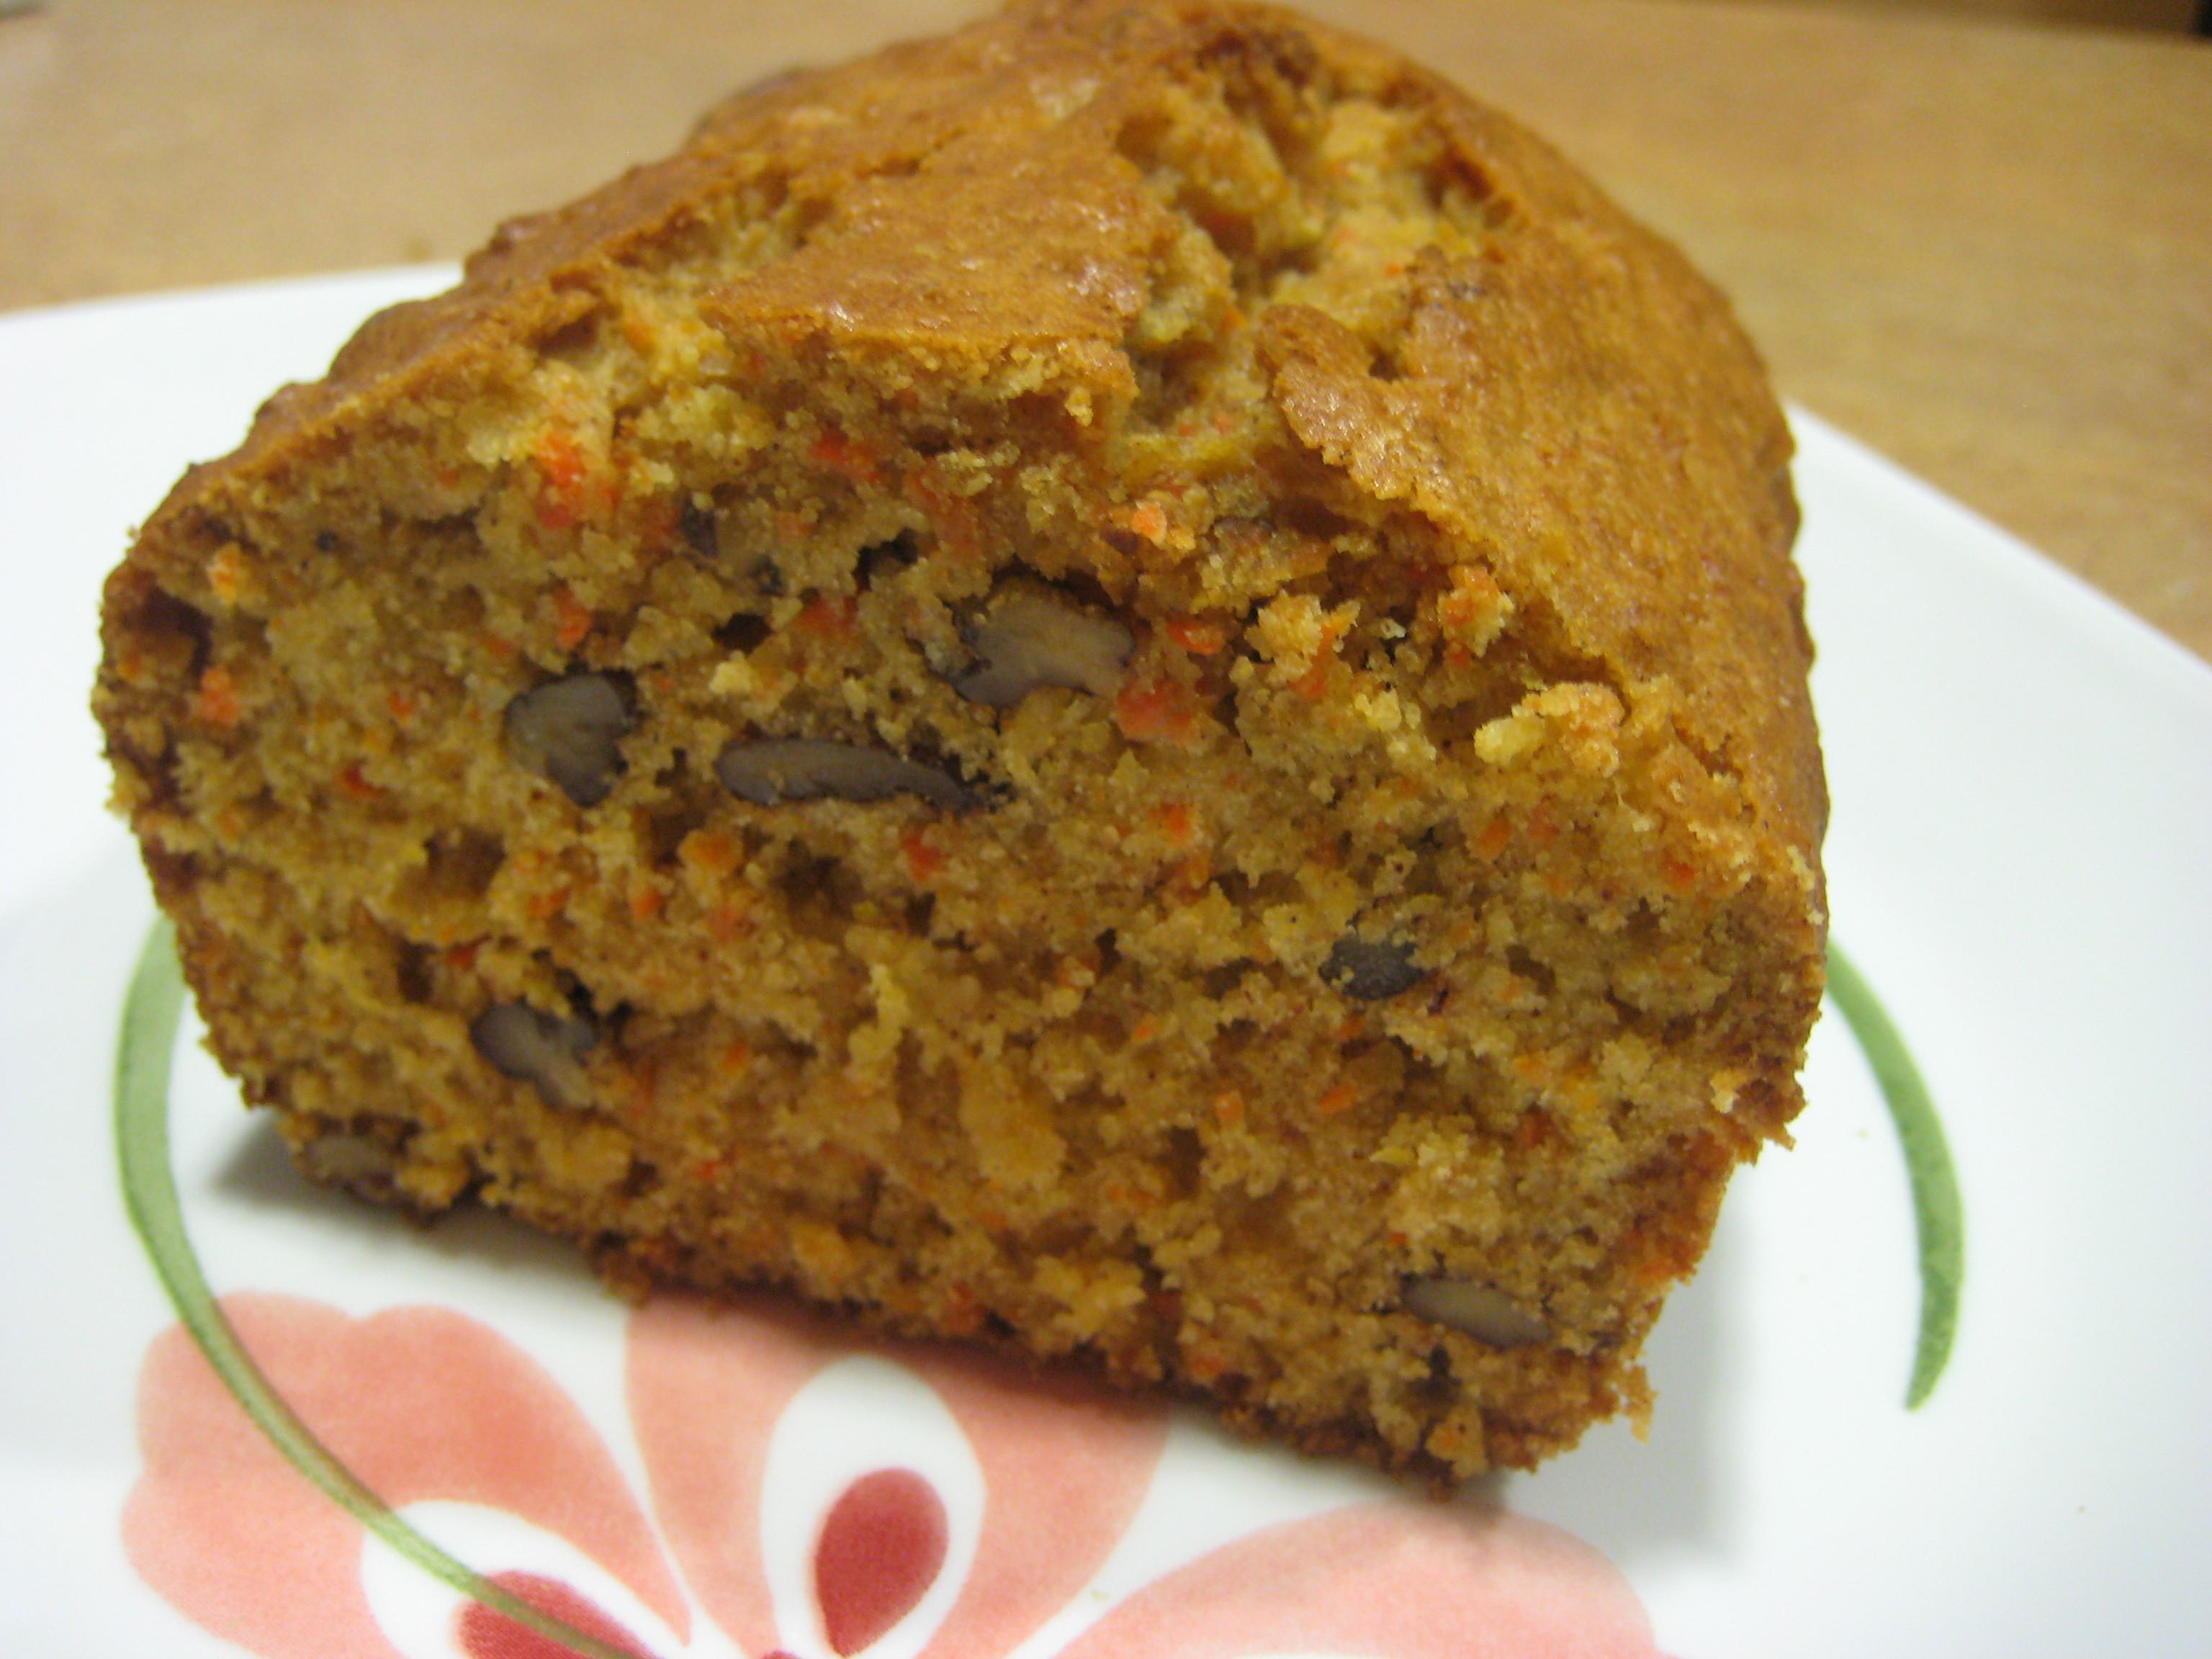 Carrot Bread Recipe Healthy  Carrot Pineapple Bread